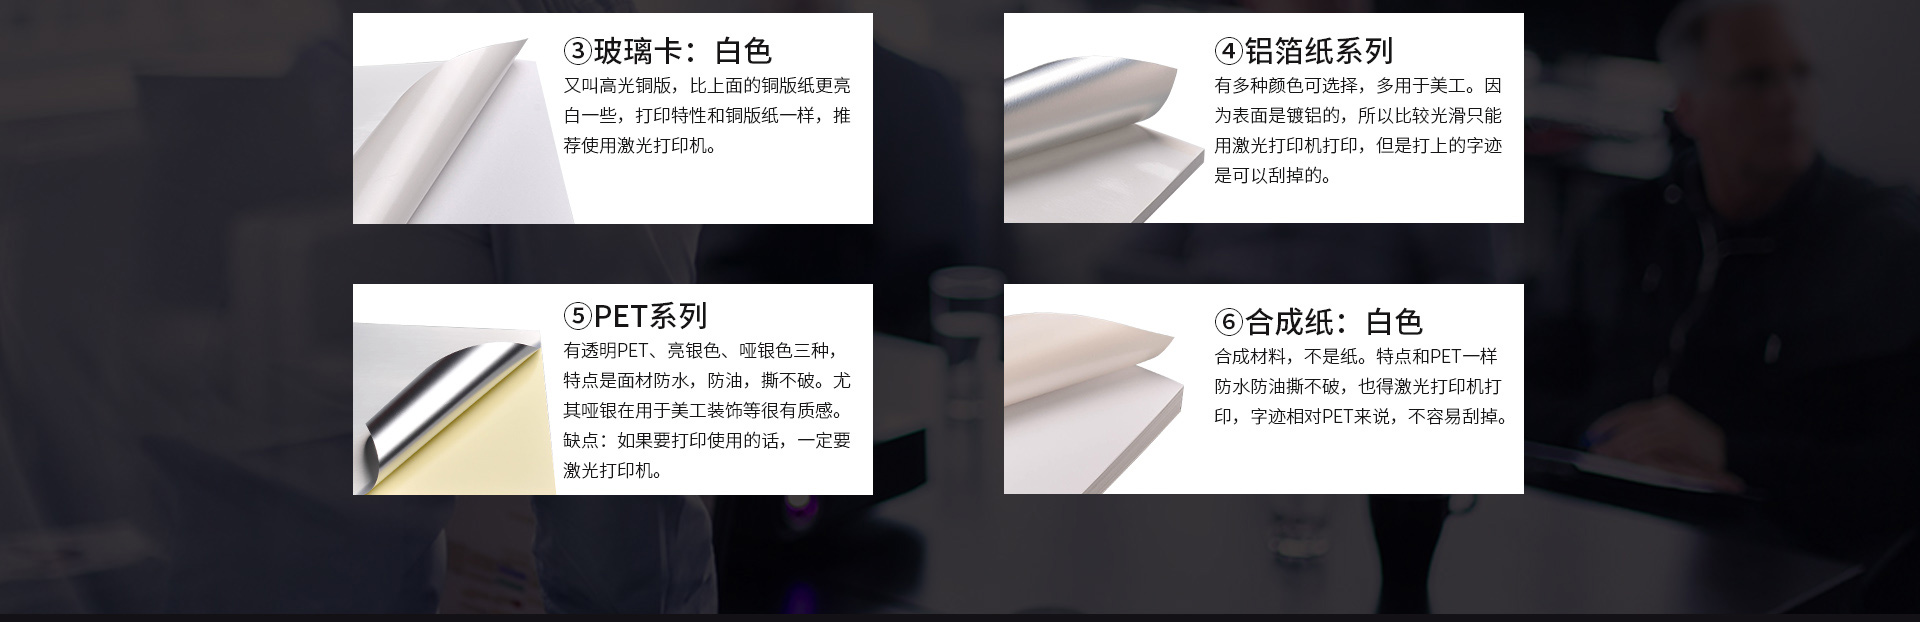 佳纷官方旗舰店_佳翰官方旗舰店 - 京东